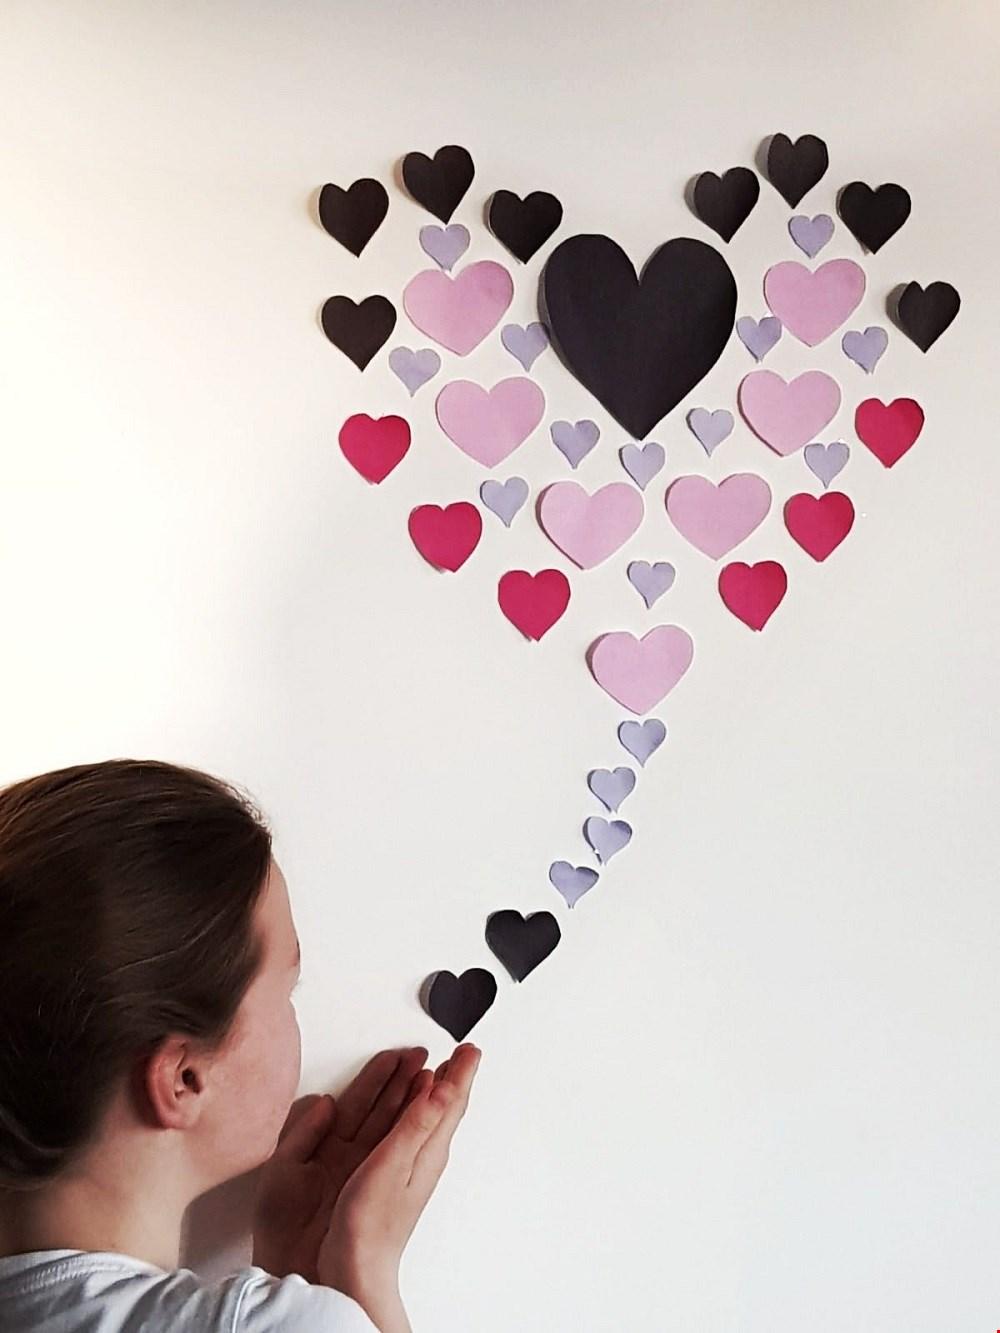 Plak de hartjes op de muur